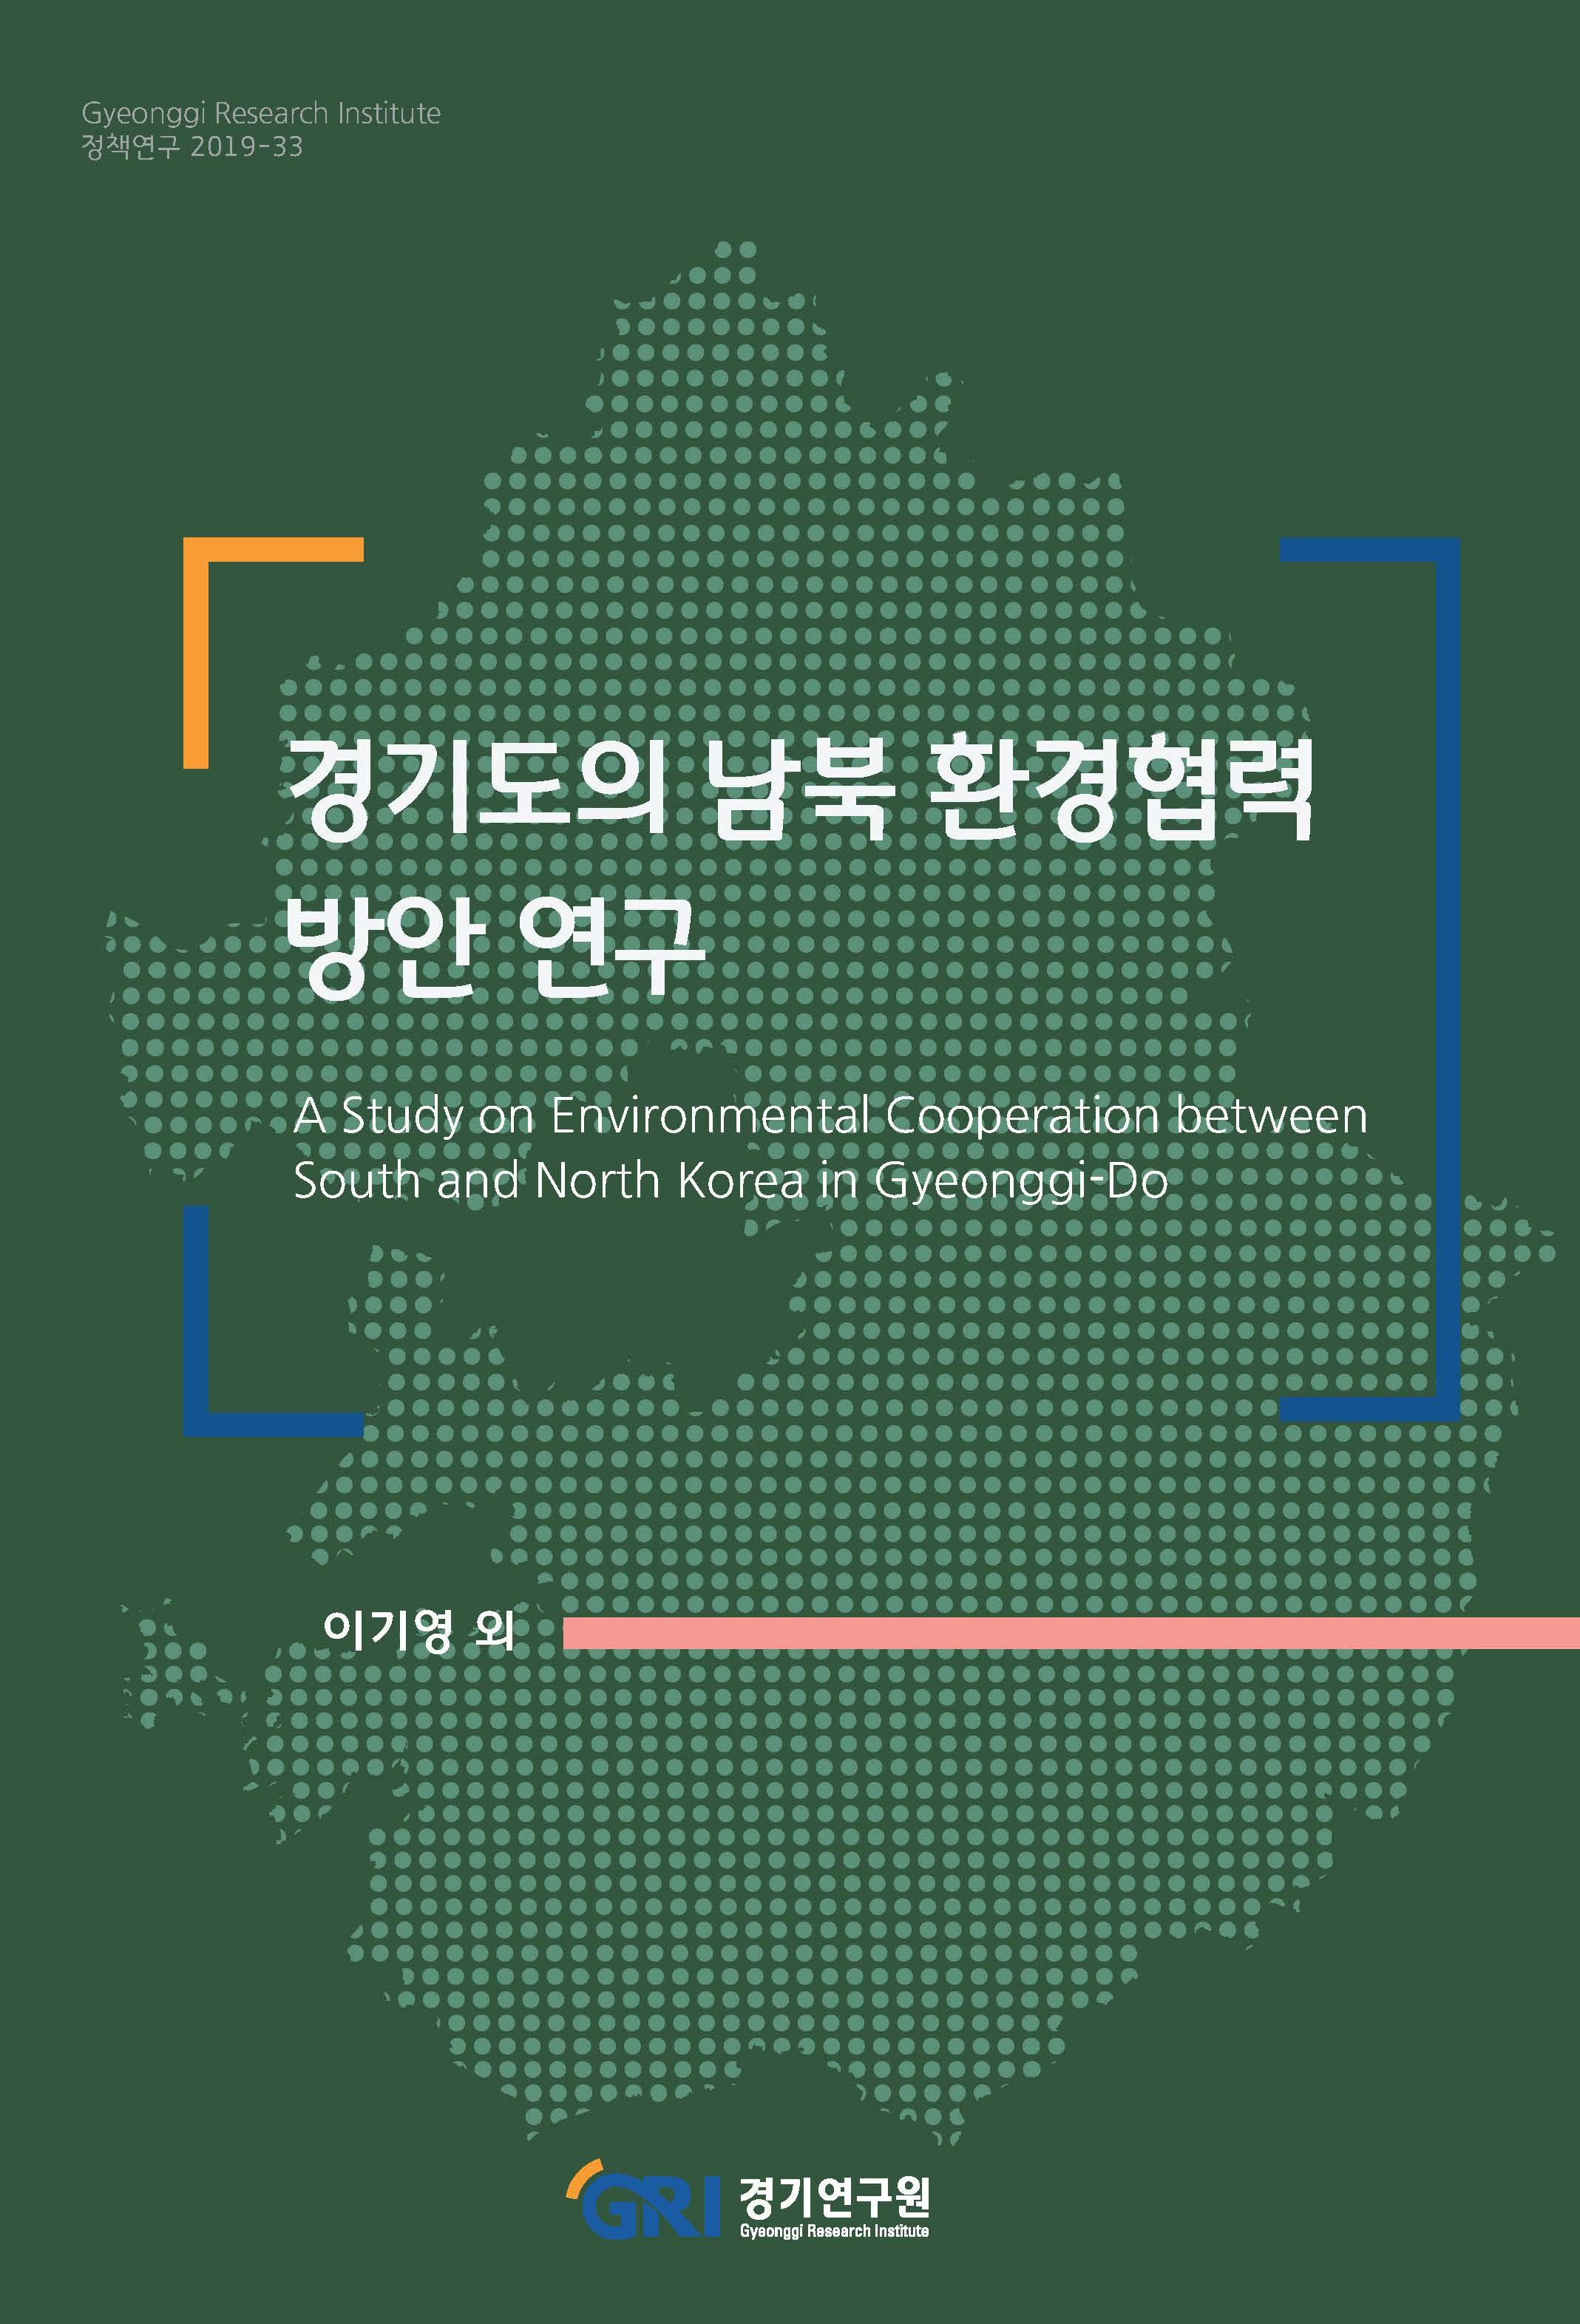 경기도의 남북 환경협력 방안 연구